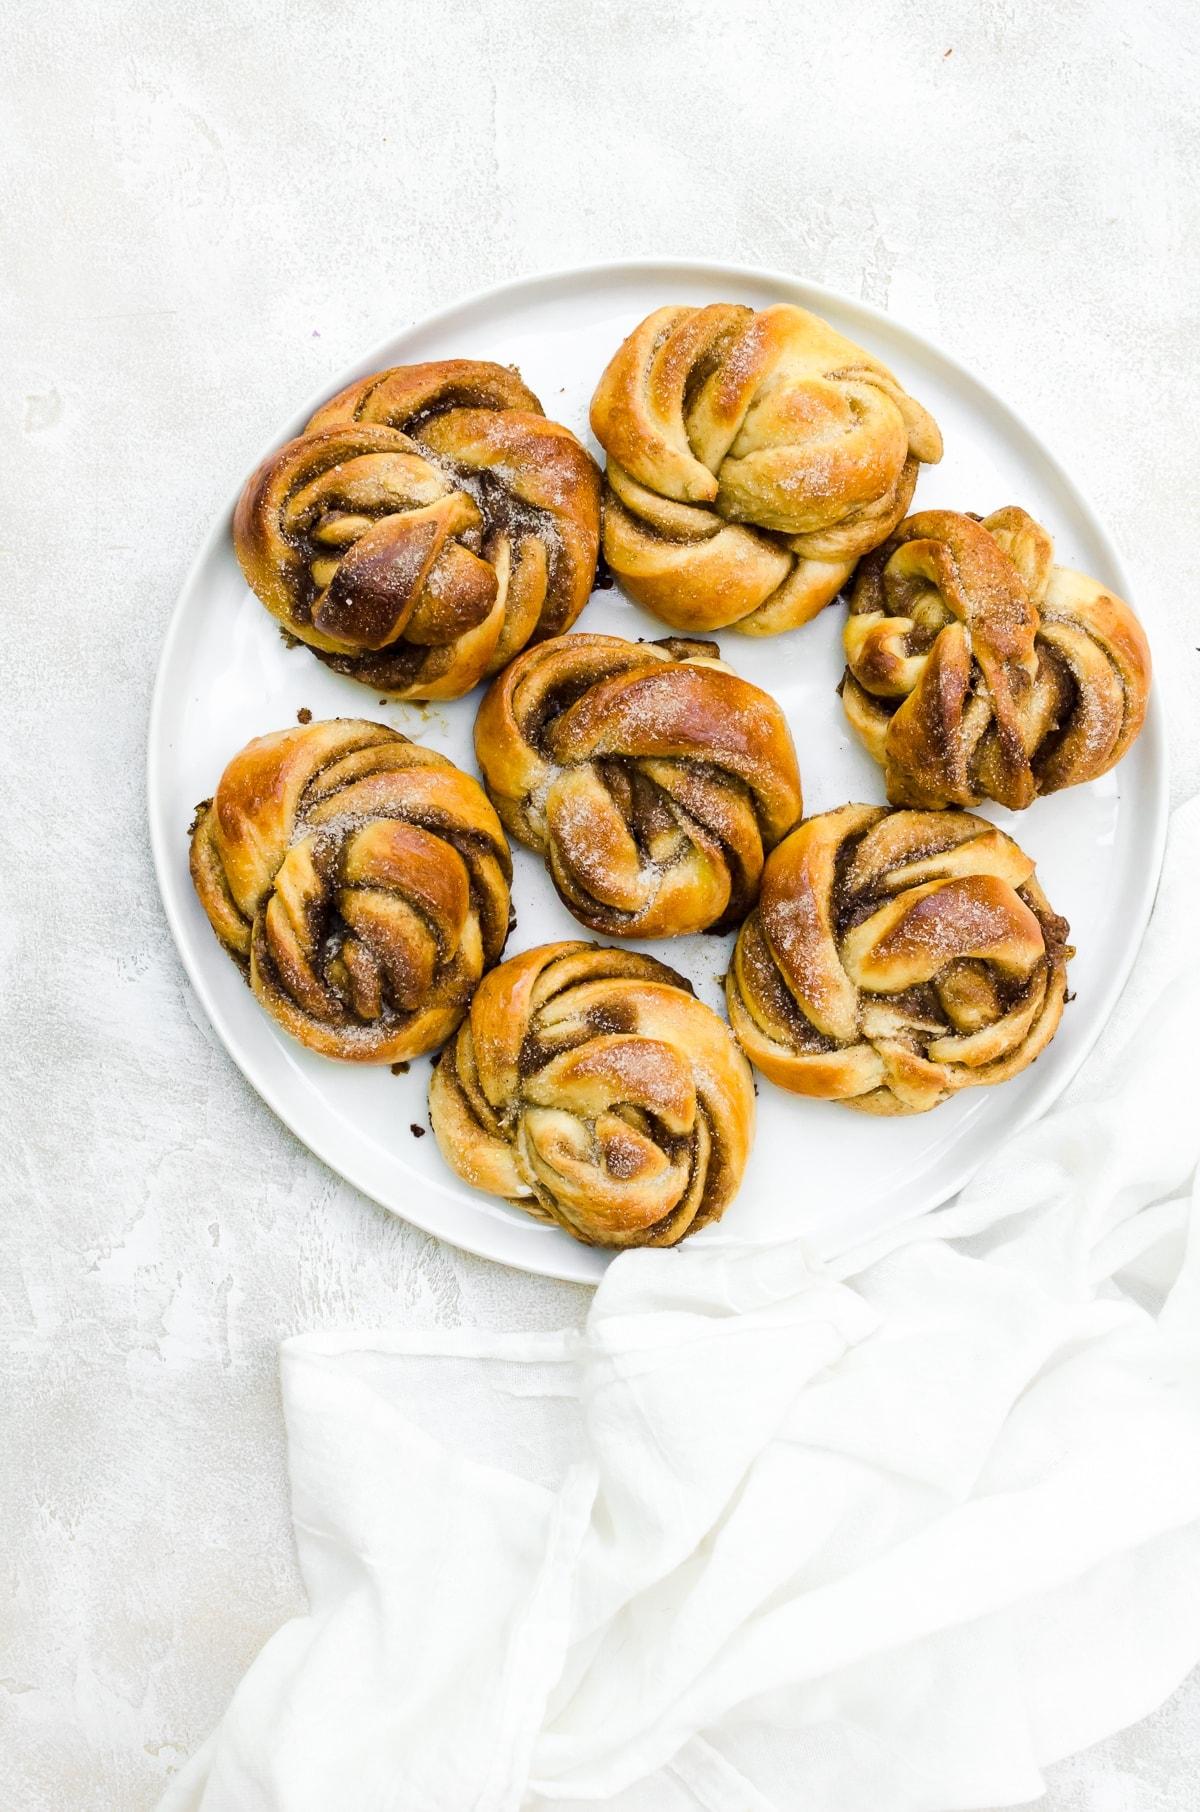 overhead cardamom buns on a plate